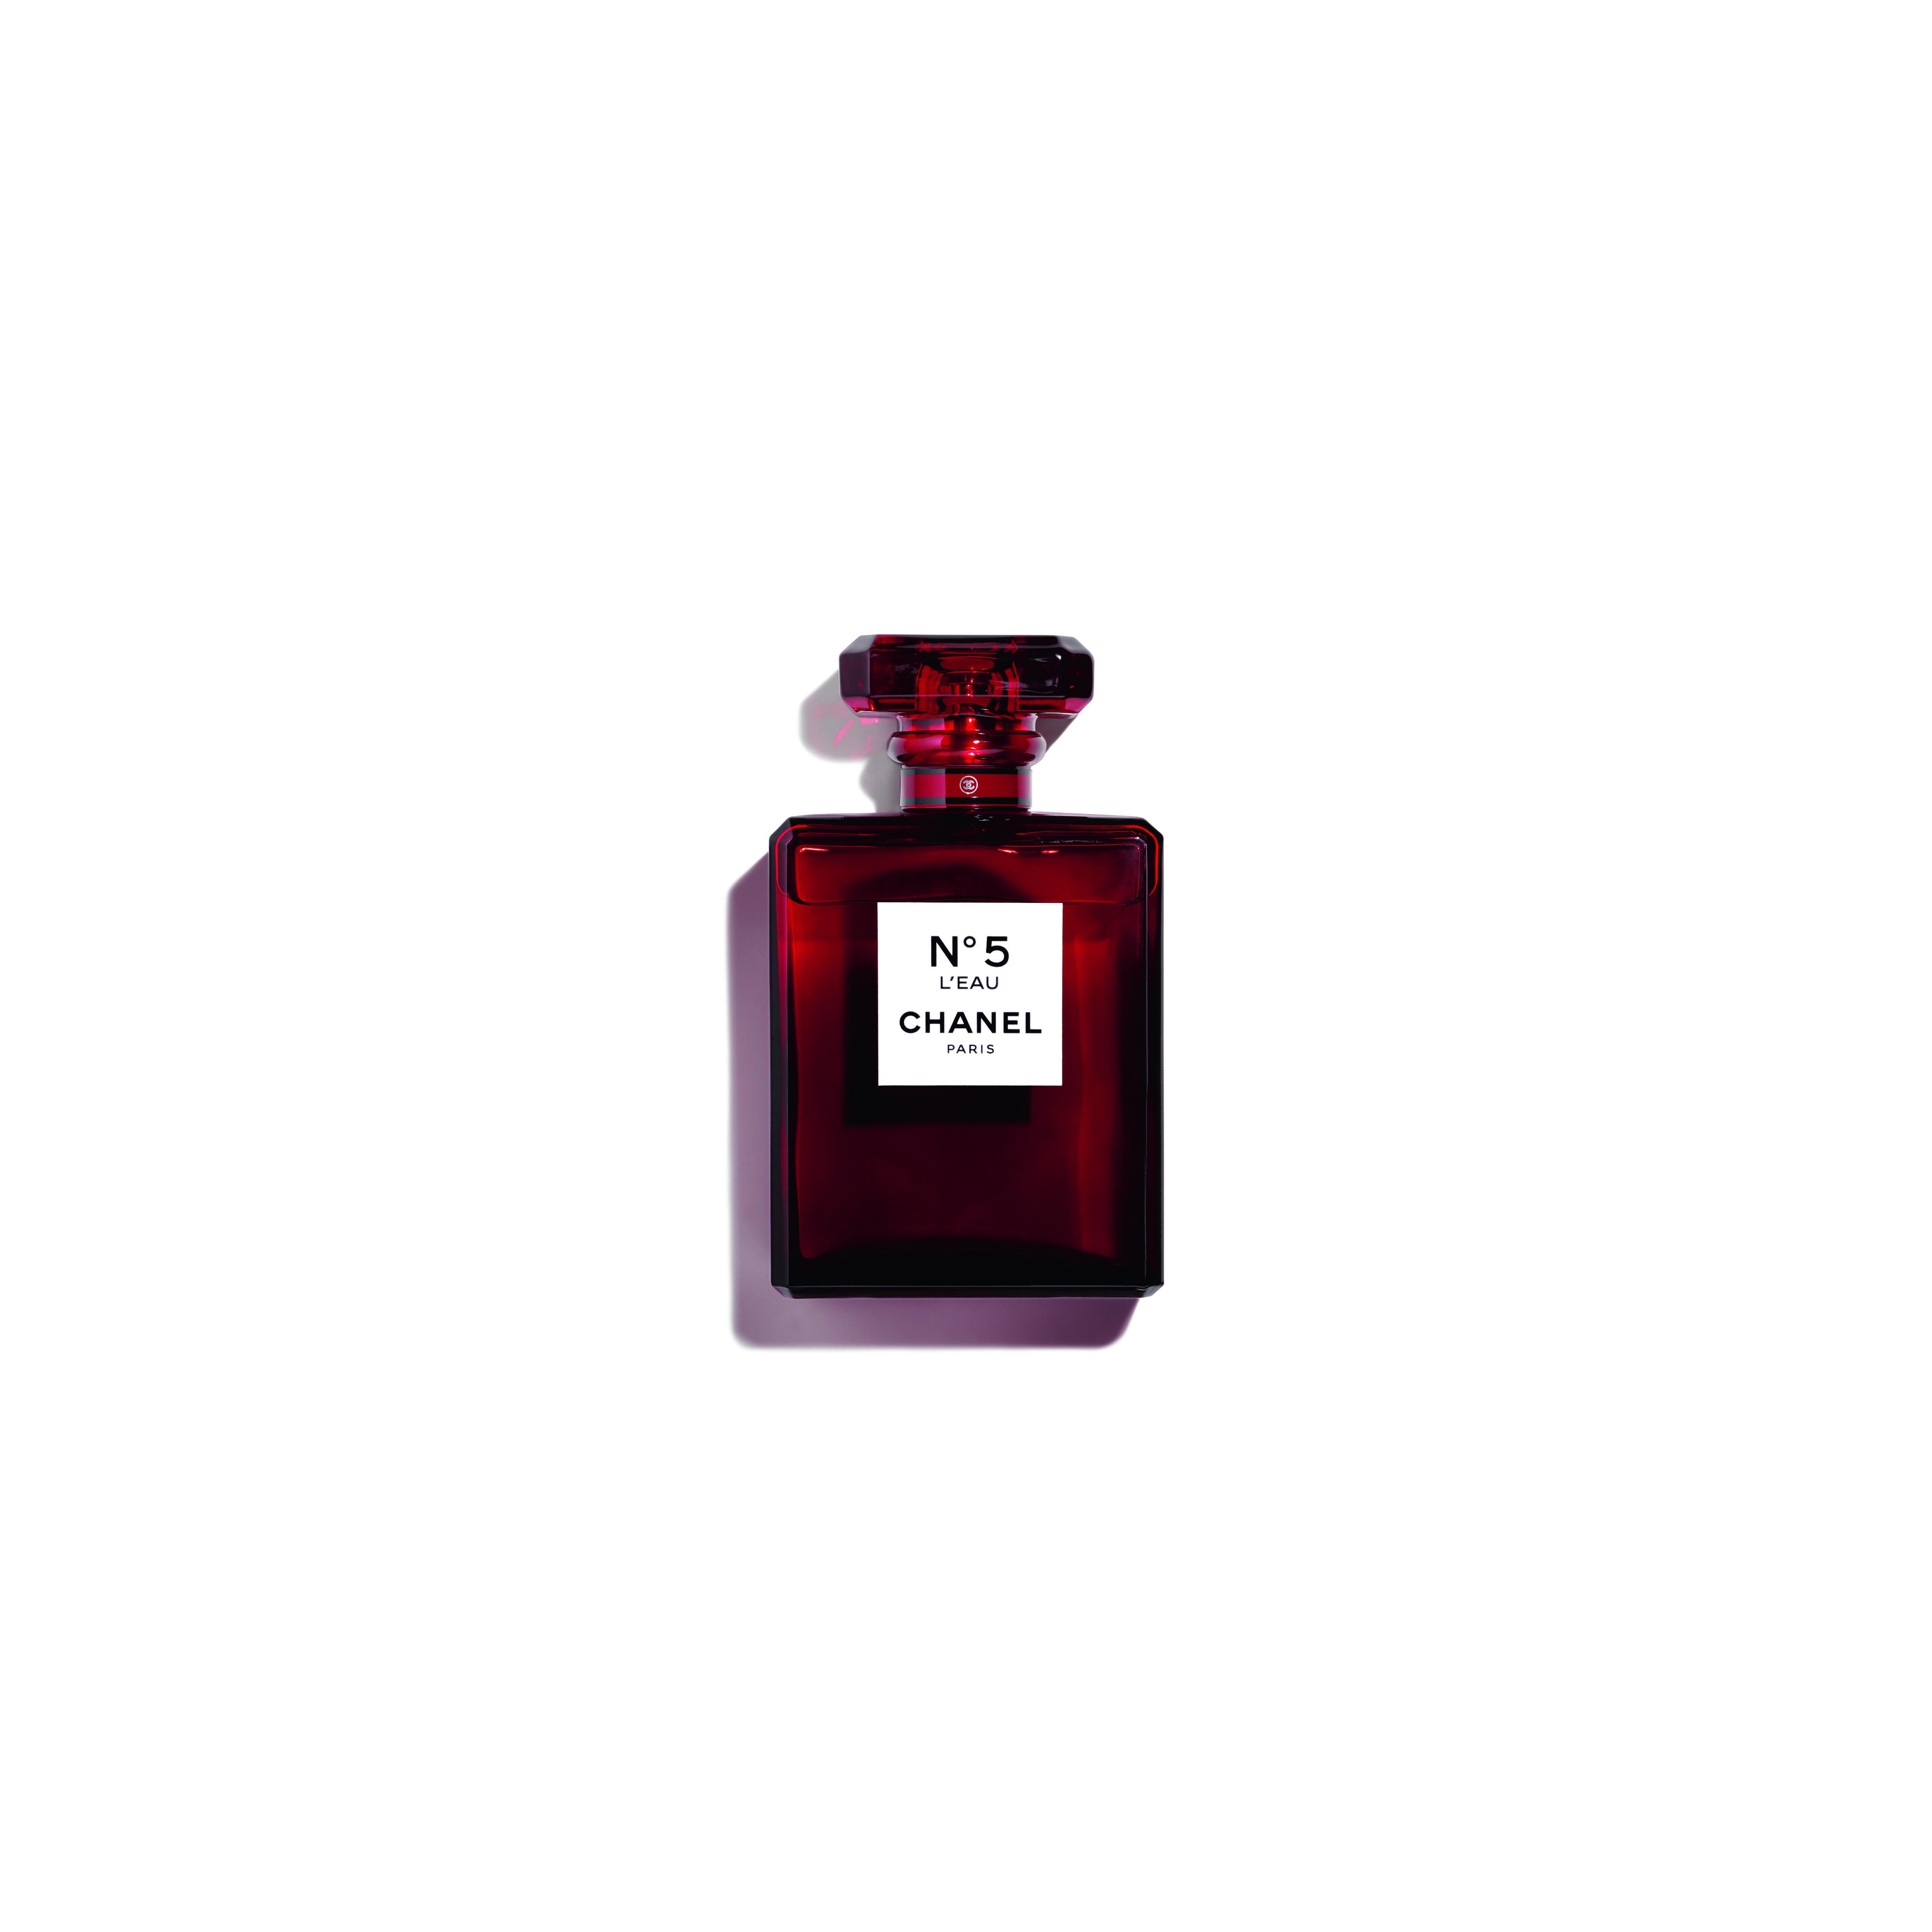 6a64eb1e CHANEL No5 L EAU, RED EDITION | Prestige Digital